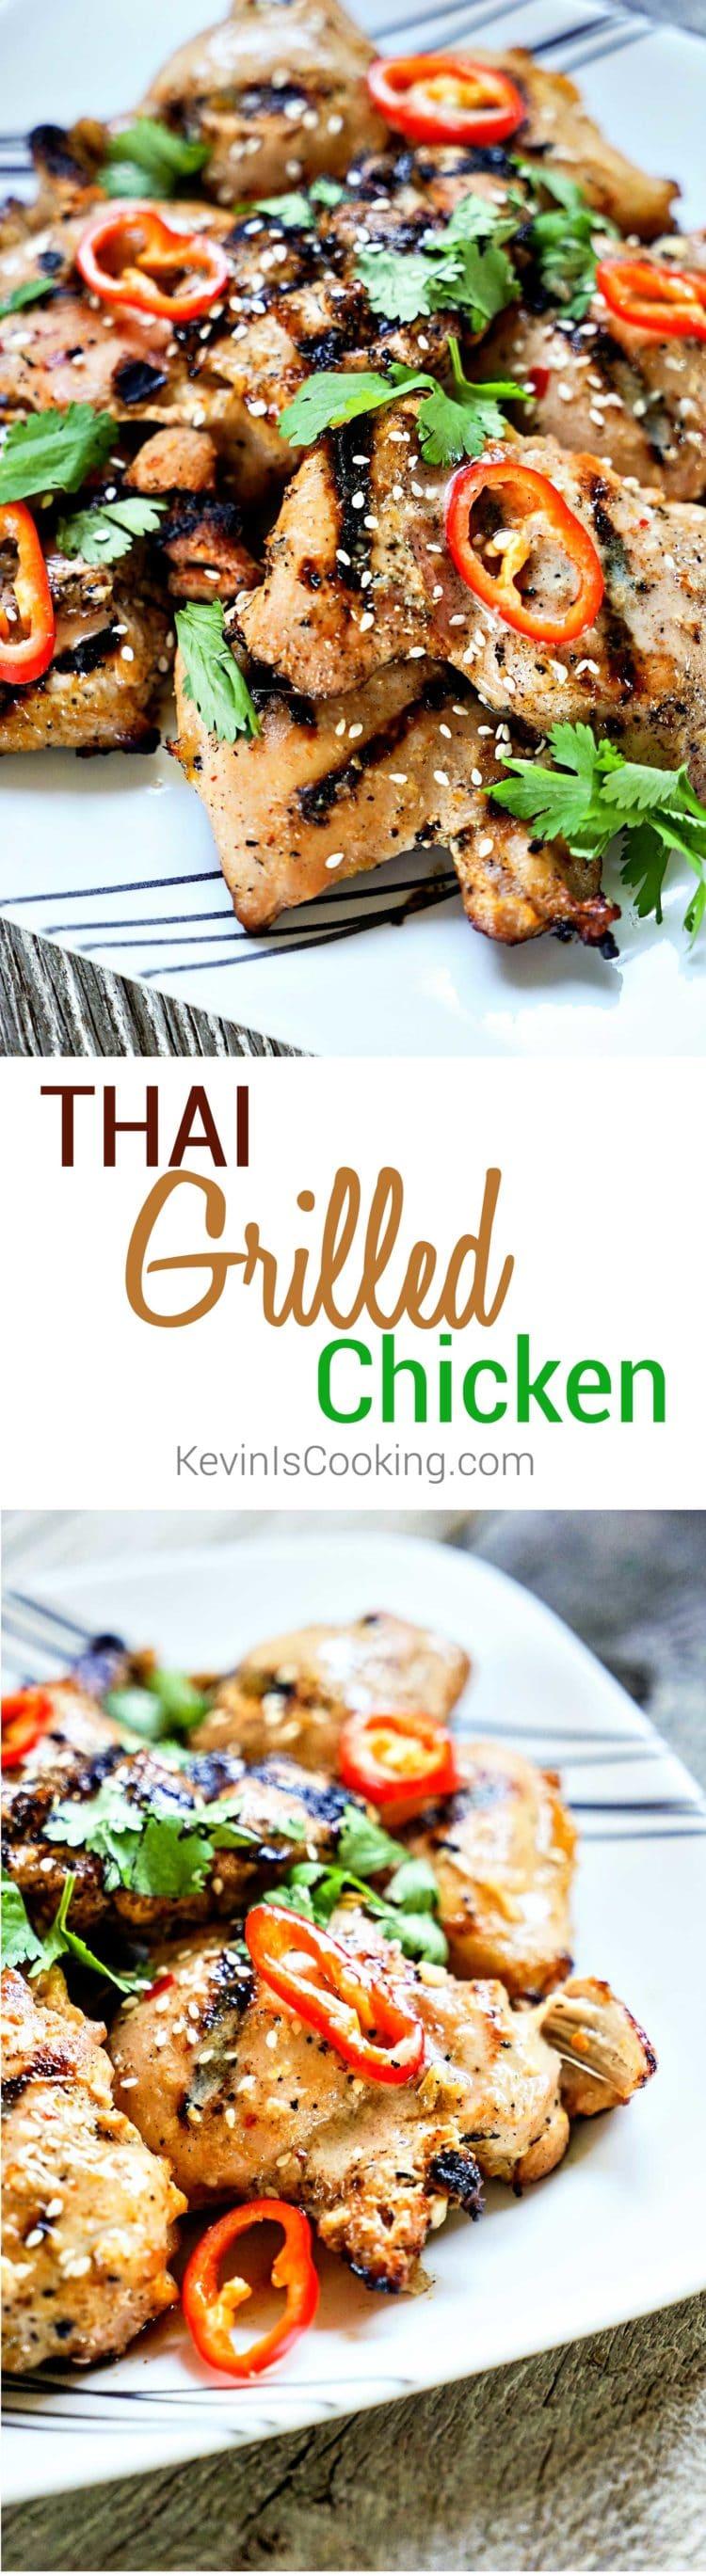 Tasty , ¿auténtica comida tailandesa de calle? Este increíble pollo a la parrilla tailandés ofrece un GRAN tiempo de sabor con limoncillo fresco y salsa de pescado en la marinada. ¡Qué bueno!